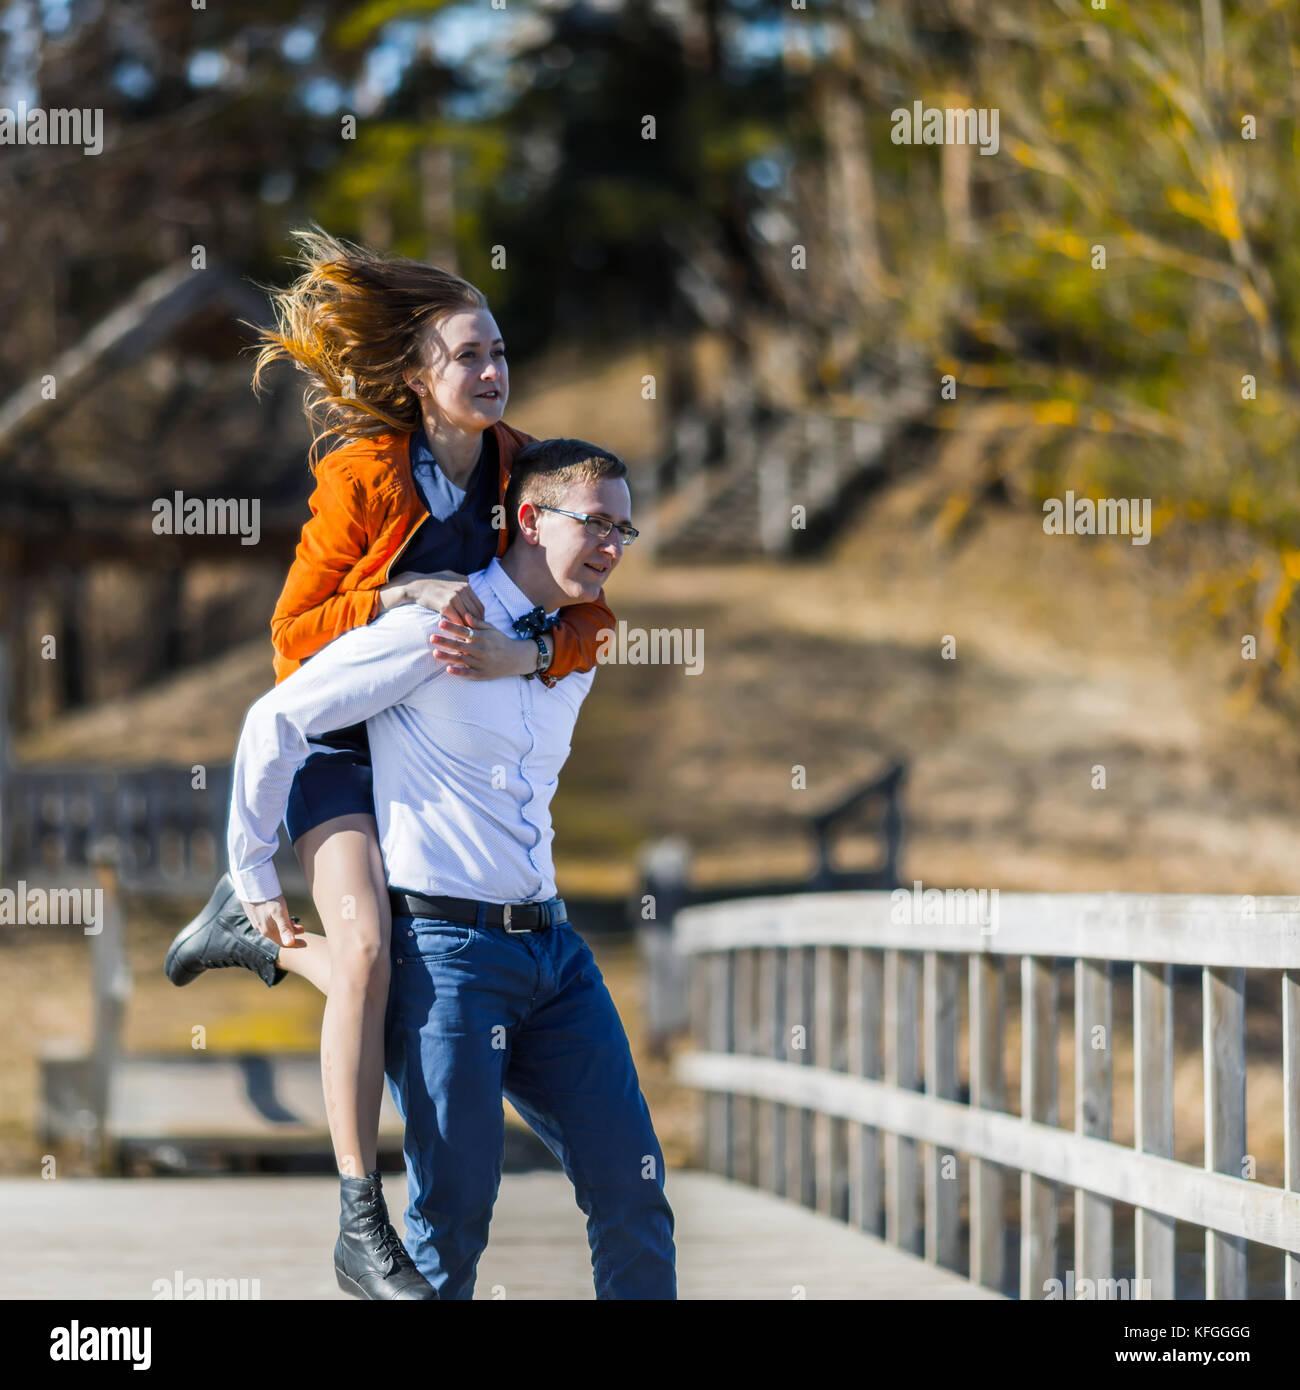 Feliz el hombre lleva a su novia en la parte posterior del puente sobre el río. Imagen De Stock